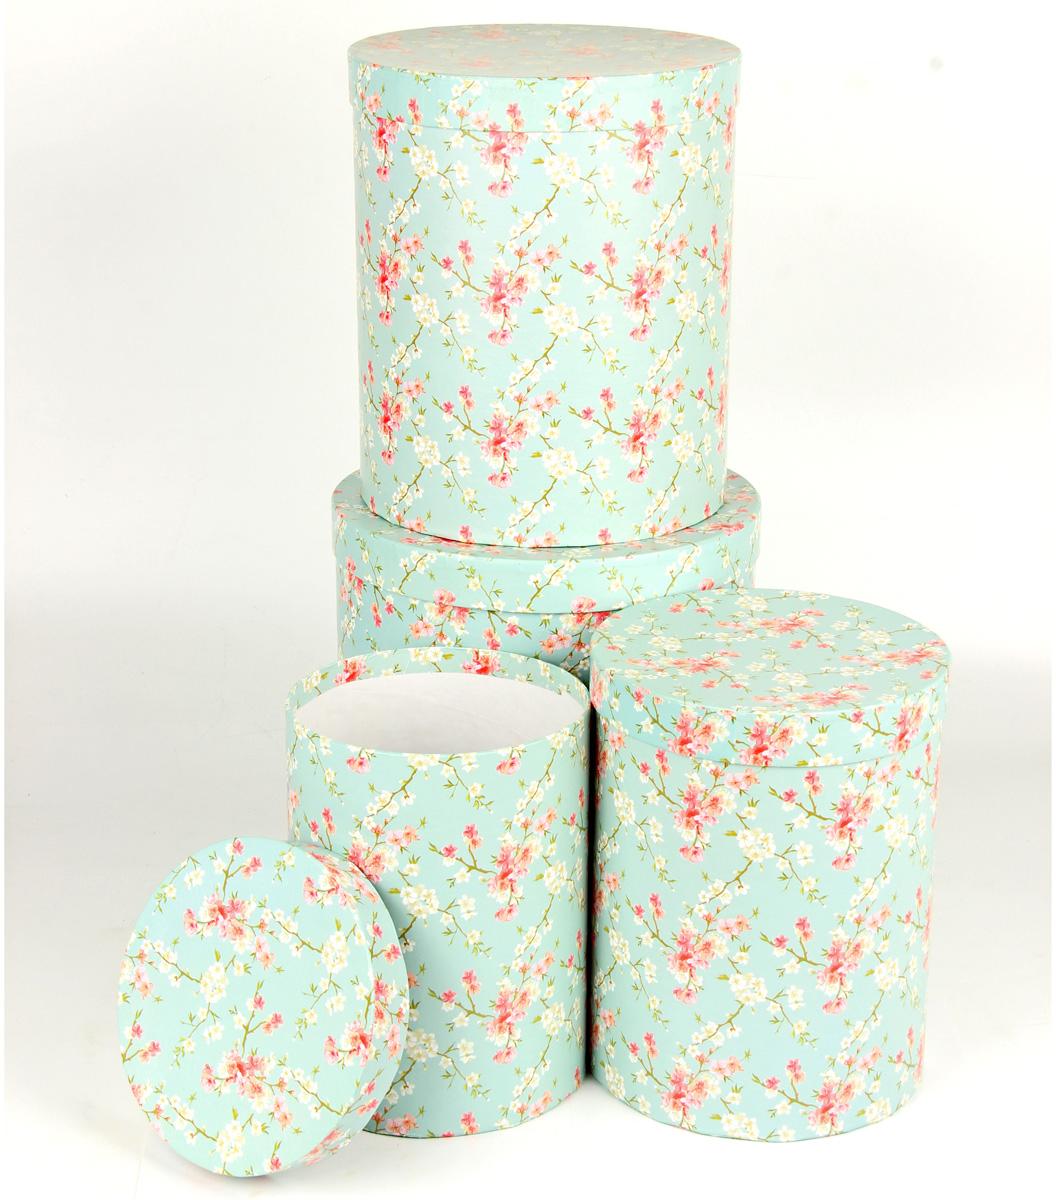 Набор подарочных коробок Veld-Co Цветение дикой сливы, круглые, 4 шт набор подарочных коробок veld co цветение дикой сливы круглые 5 шт 67674